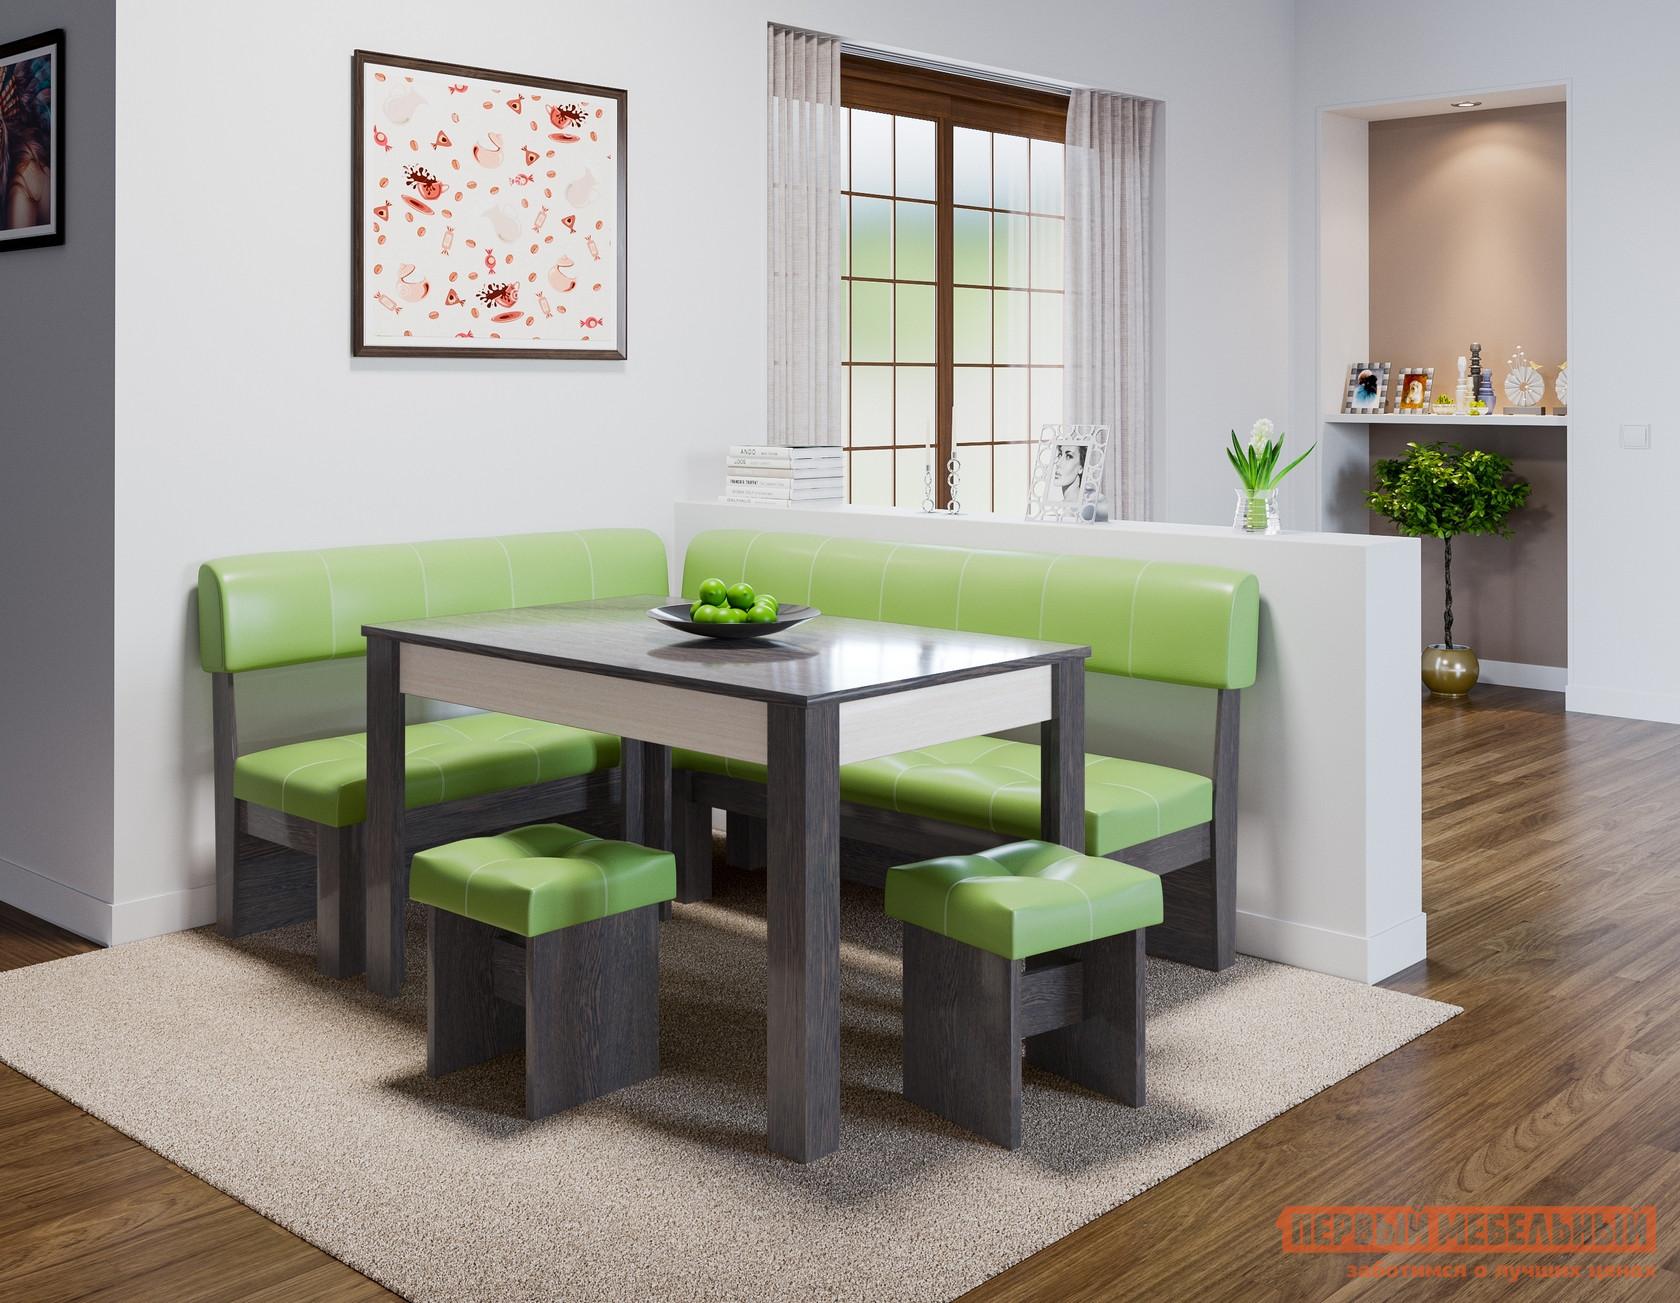 Кухонный уголок  Кухонный уголок Валенсия Венге, Фисташка, экокожа — Кухонный уголок Валенсия Венге, Фисташка, экокожа